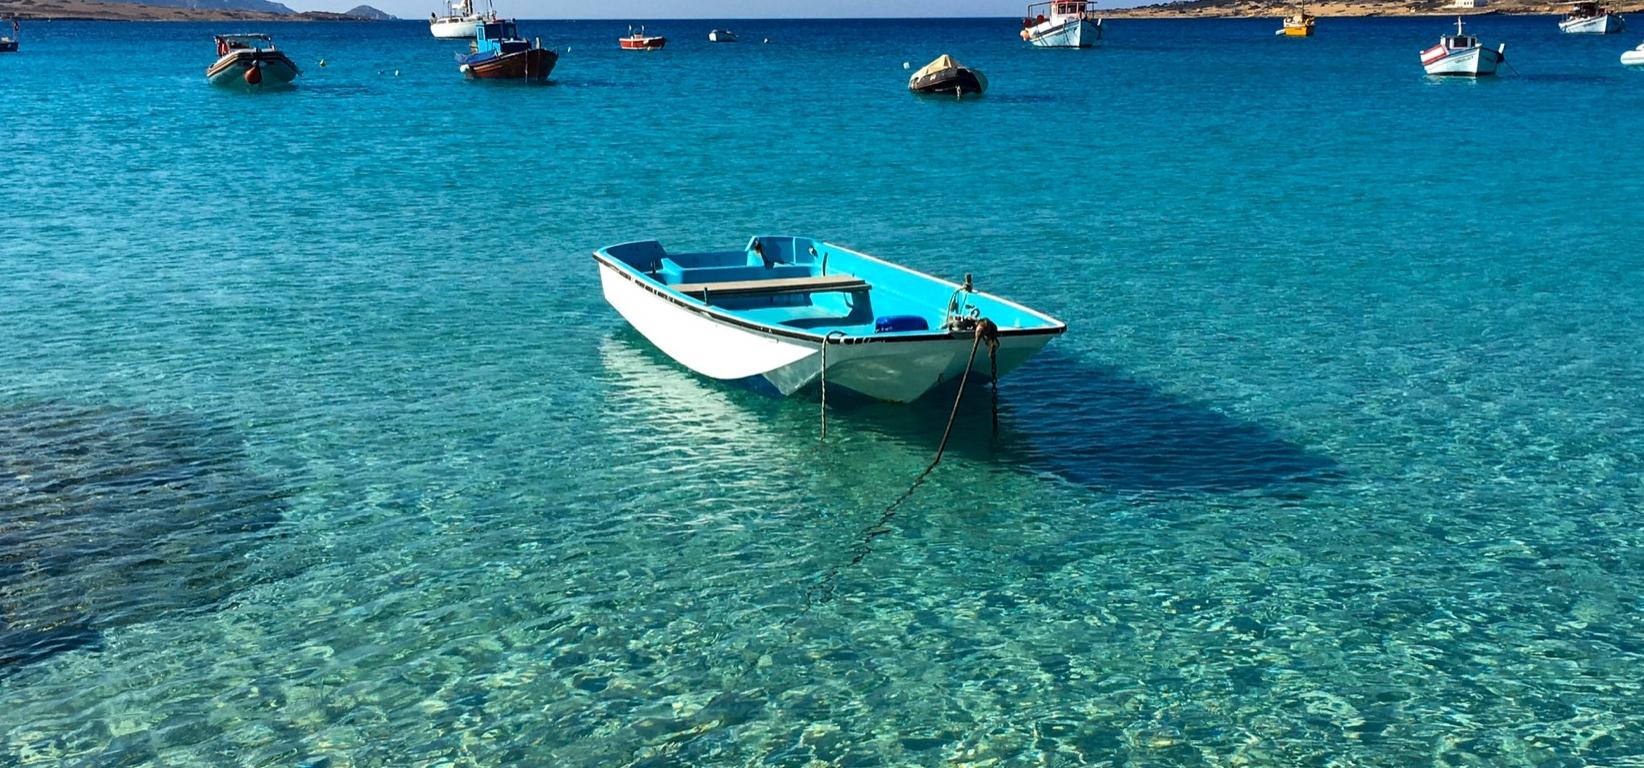 una barca nel mezzo di un mare cristallino a Koufonissi